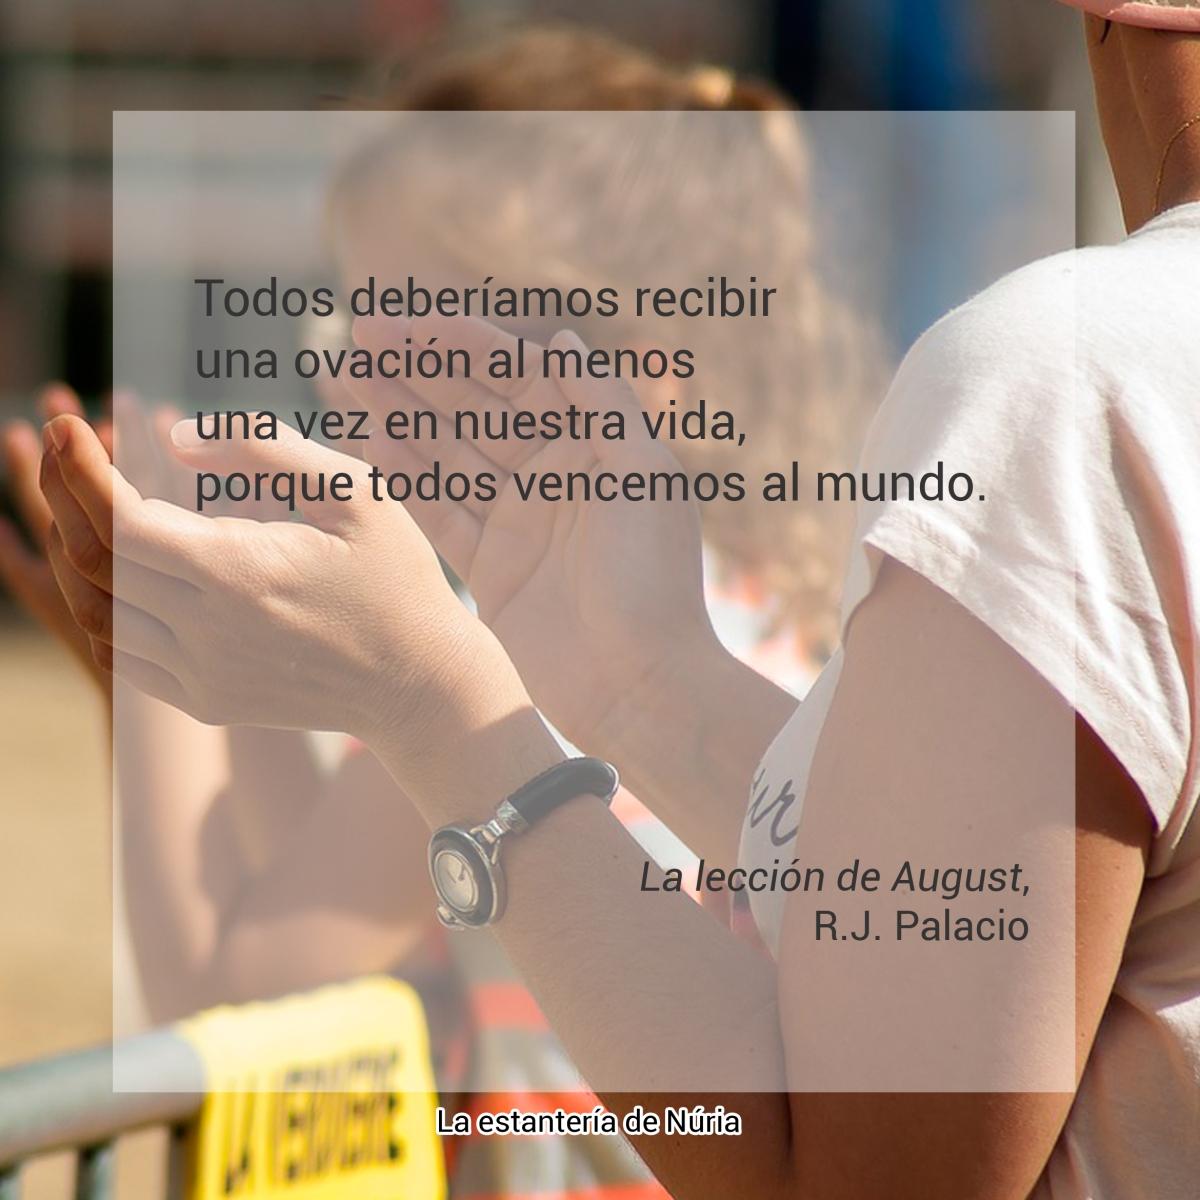 Todos deberíamos recibir una ovación al menos una vez en nuestra vida, porque todos vencemos al mundo. La lección de August, R. J. Palacio